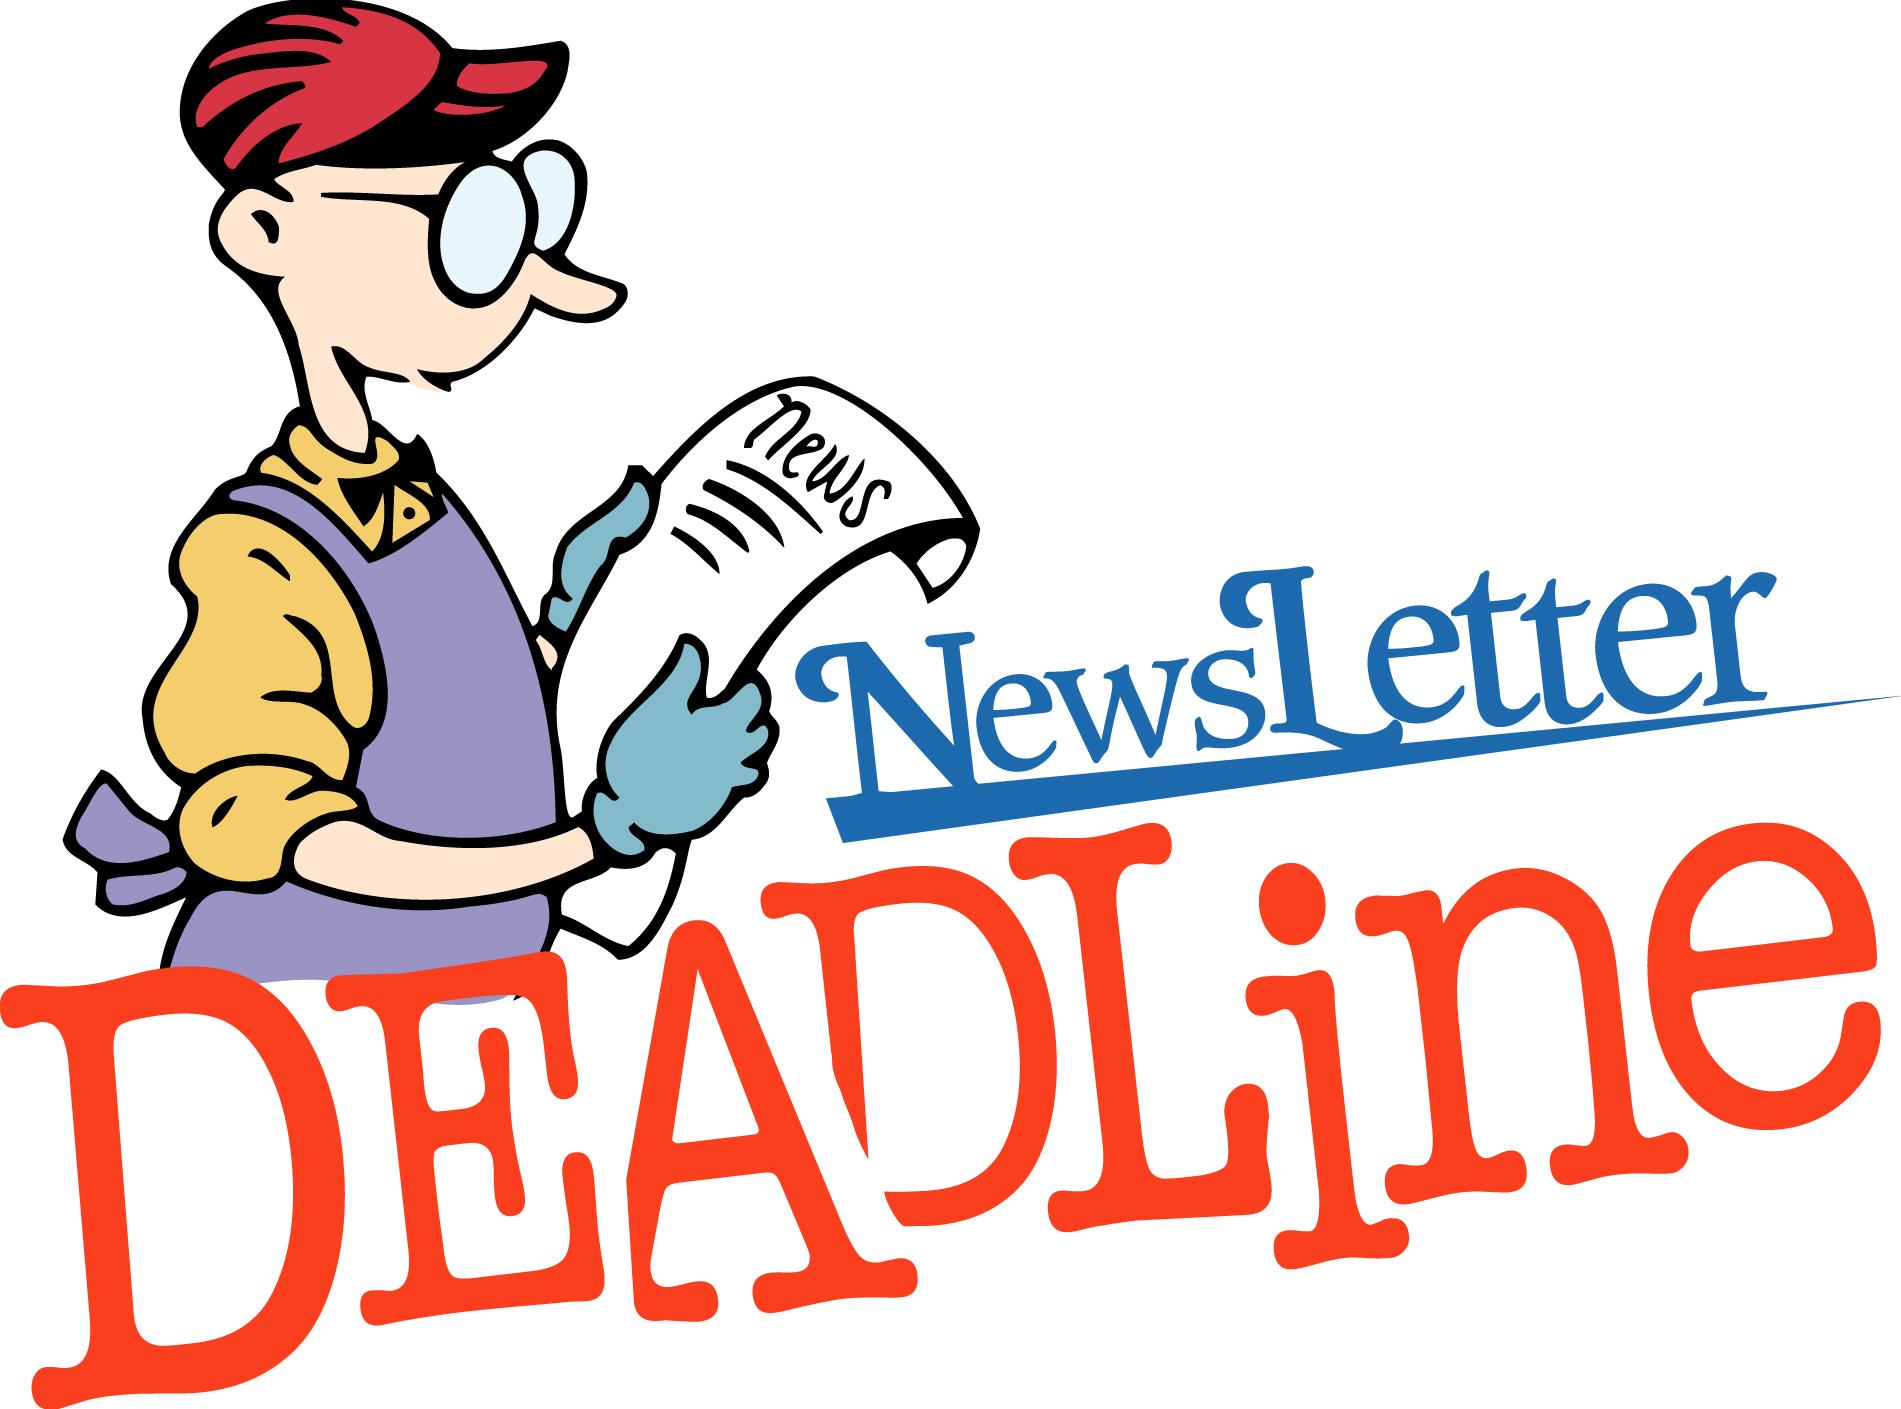 1901x1409 Newsletter Deadline Clipart Clipartfest 2